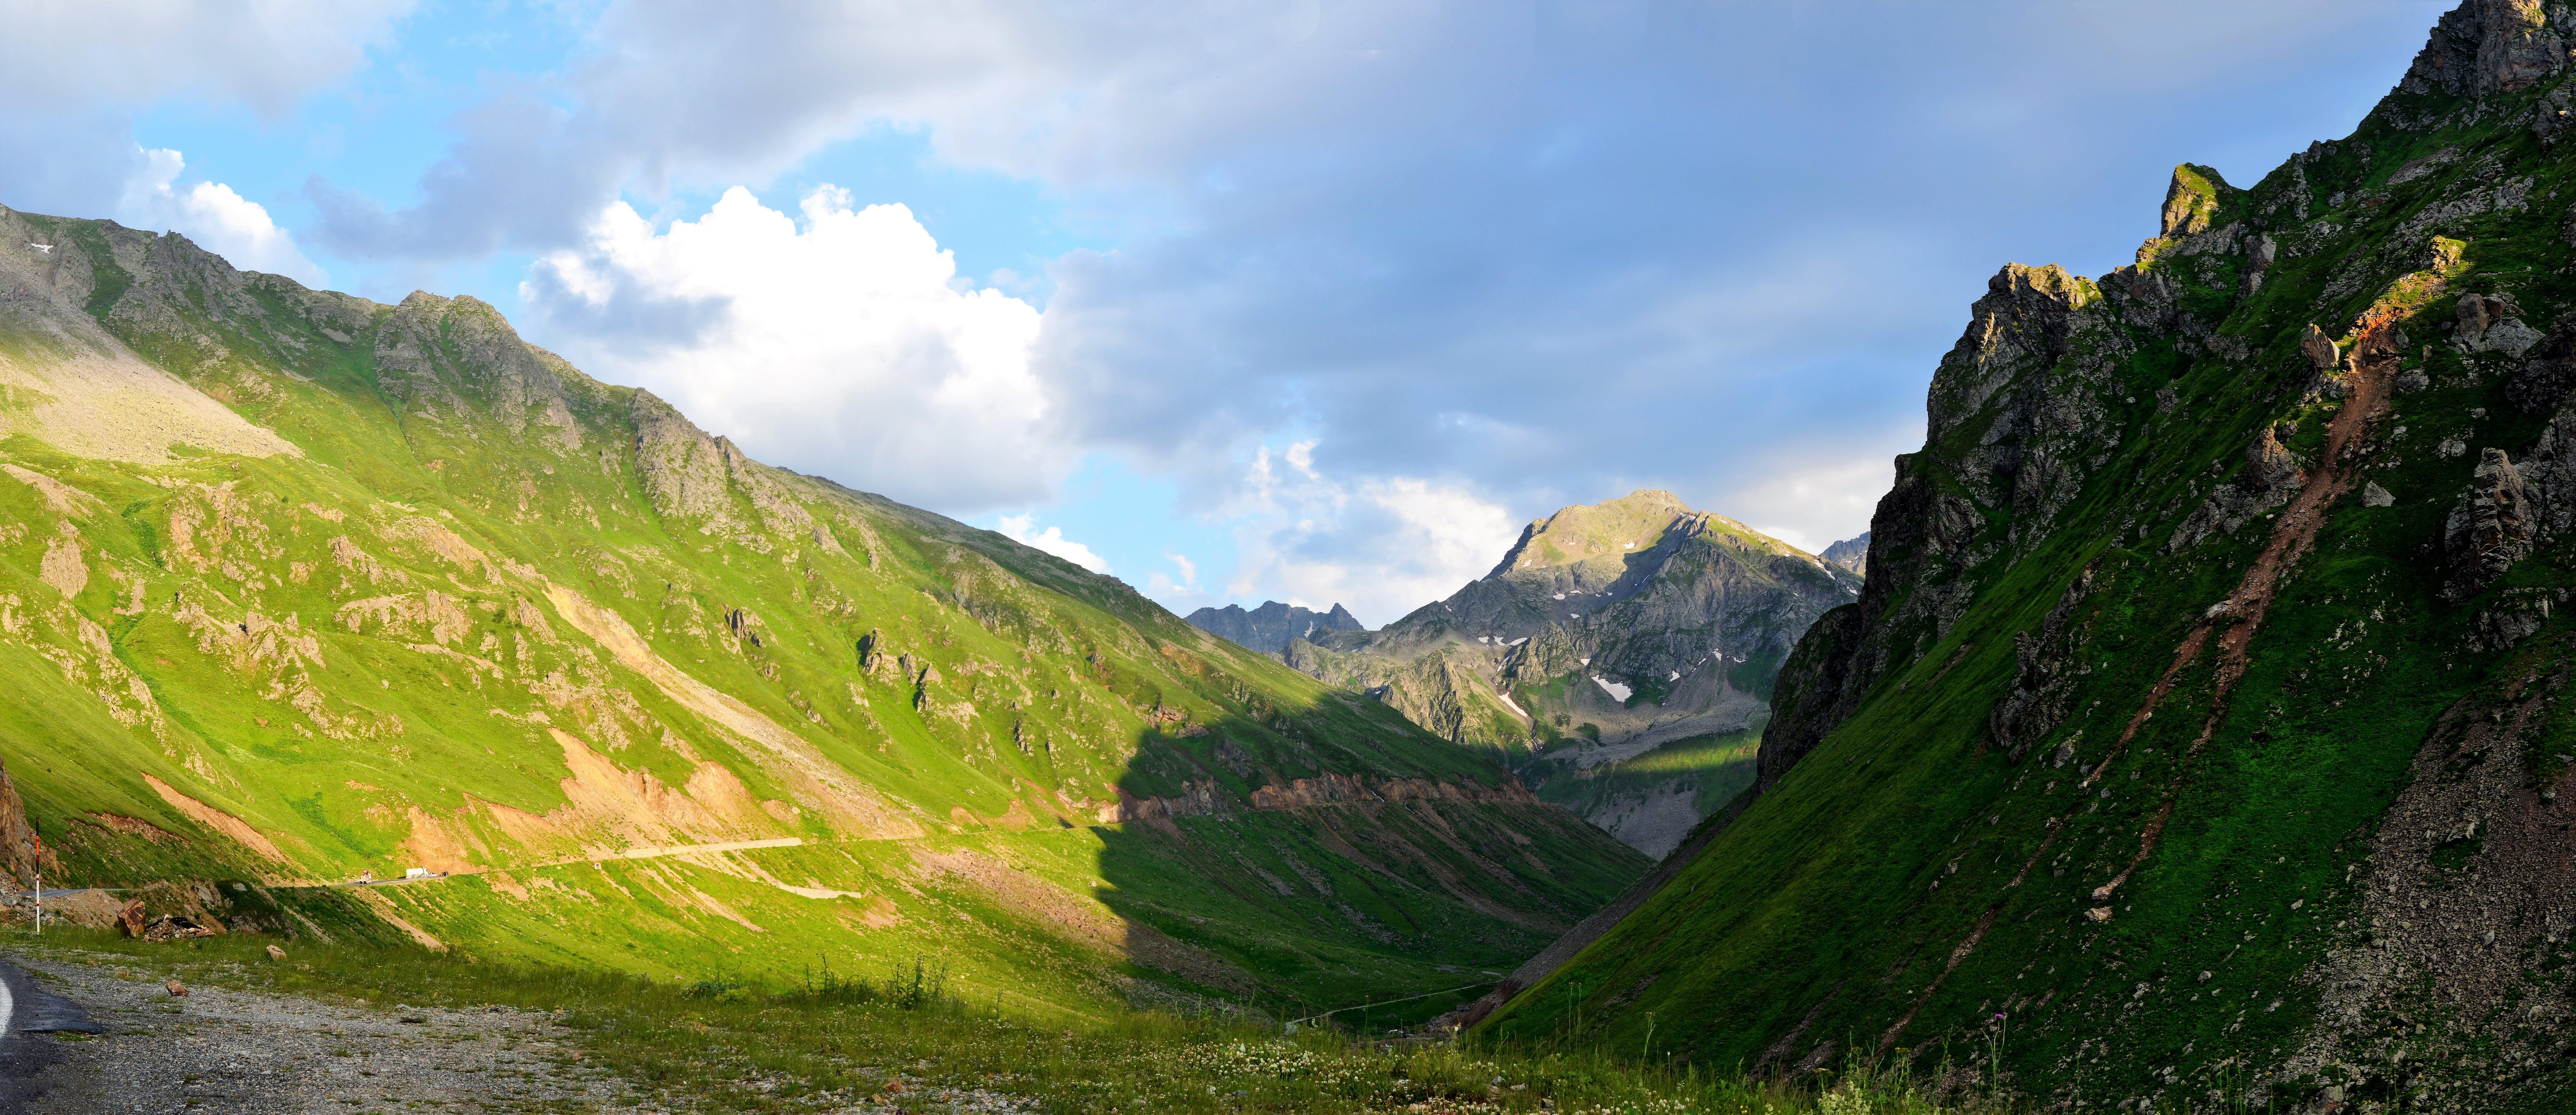 Grass Field Mountain